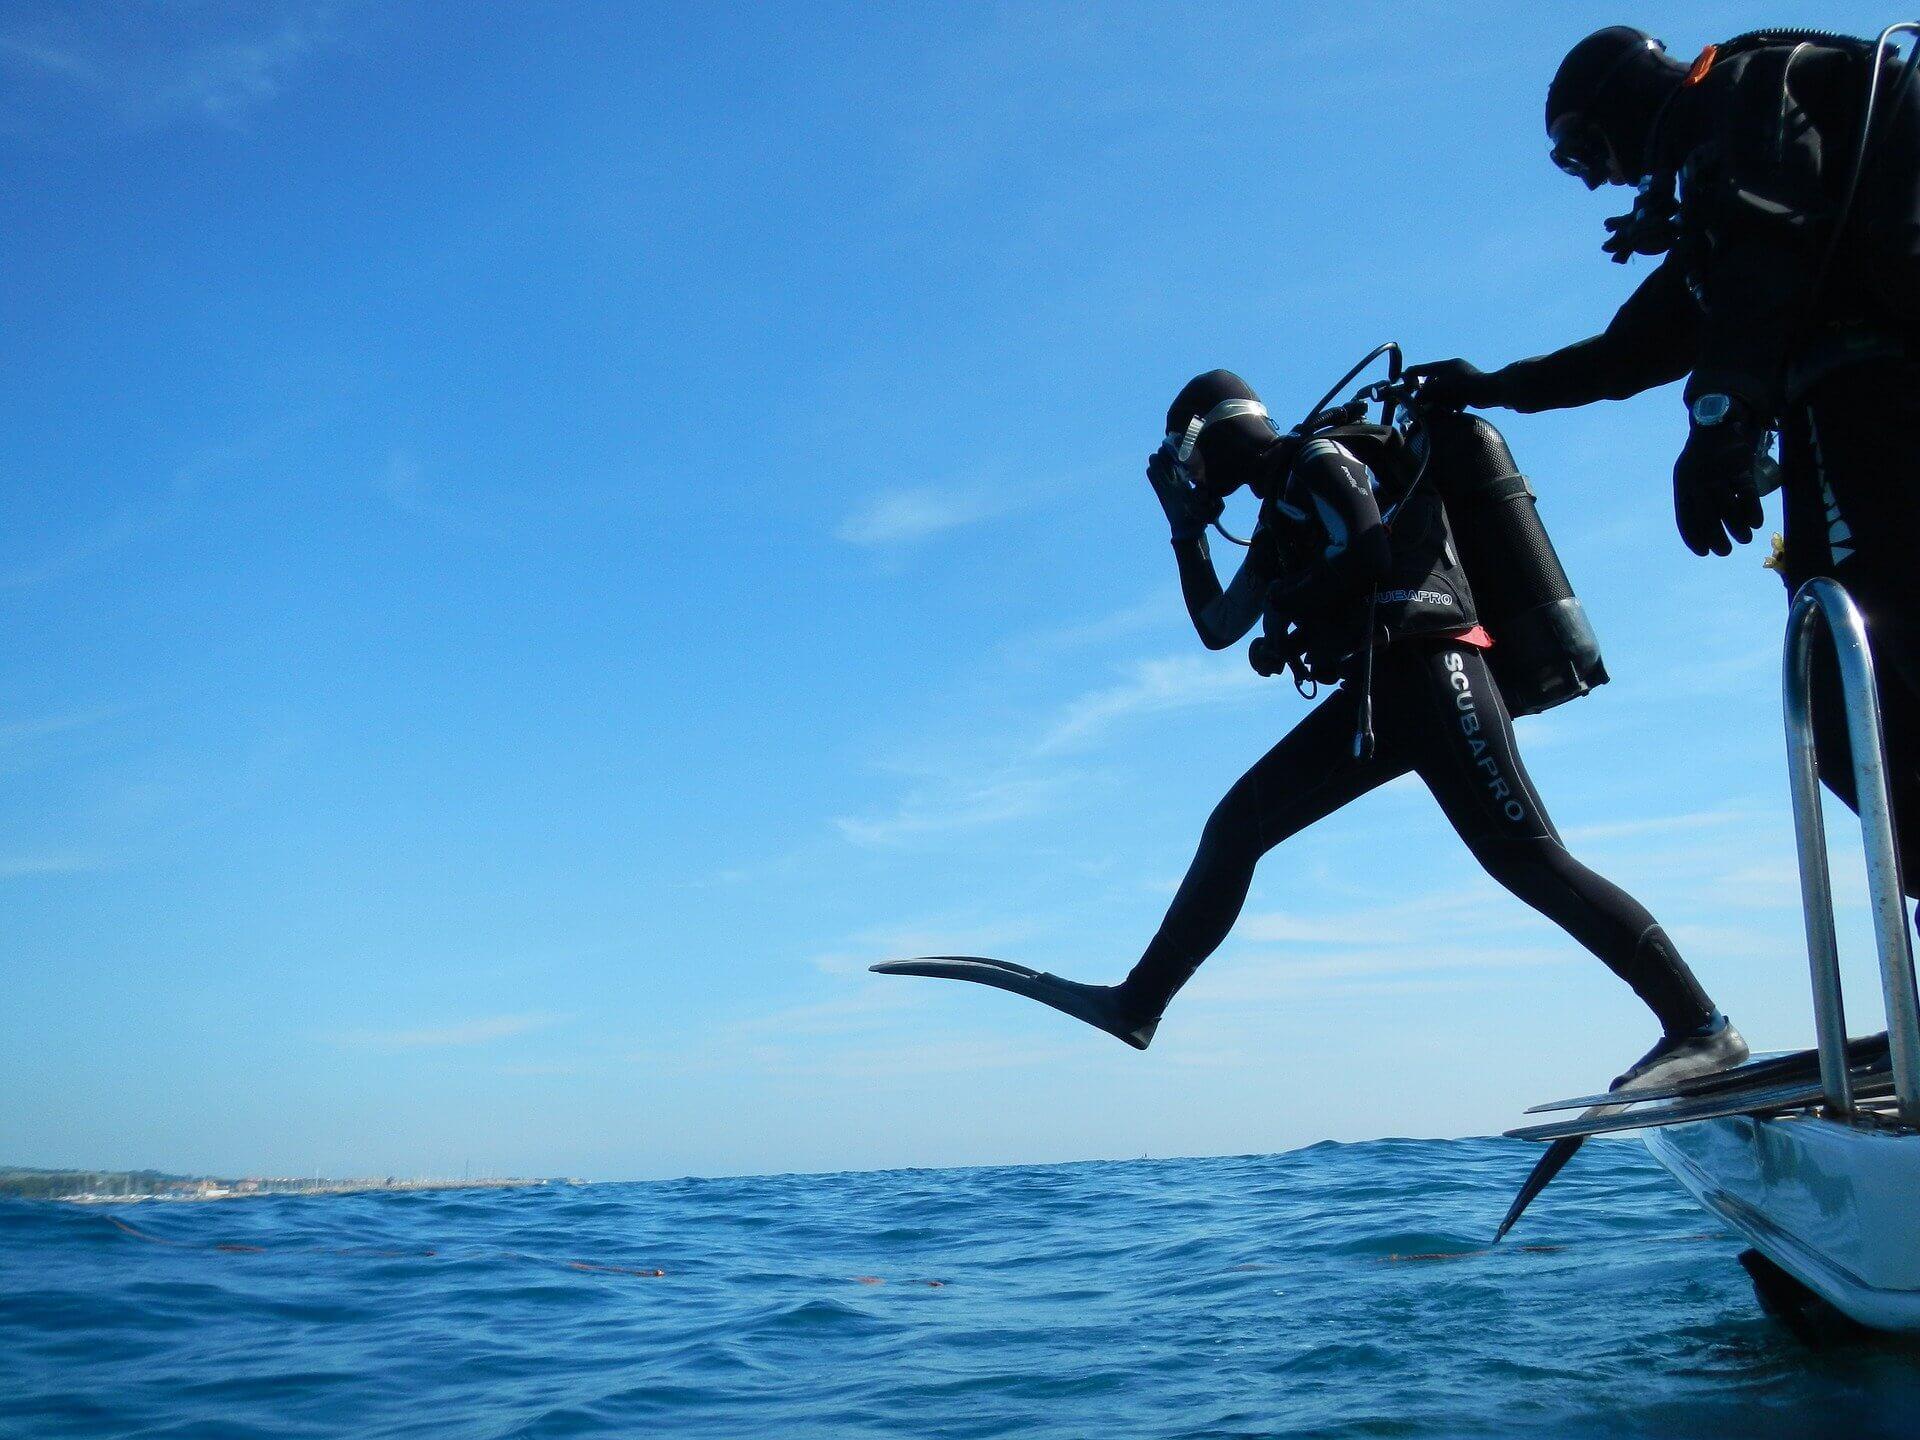 Nusa lembongan snorkelling